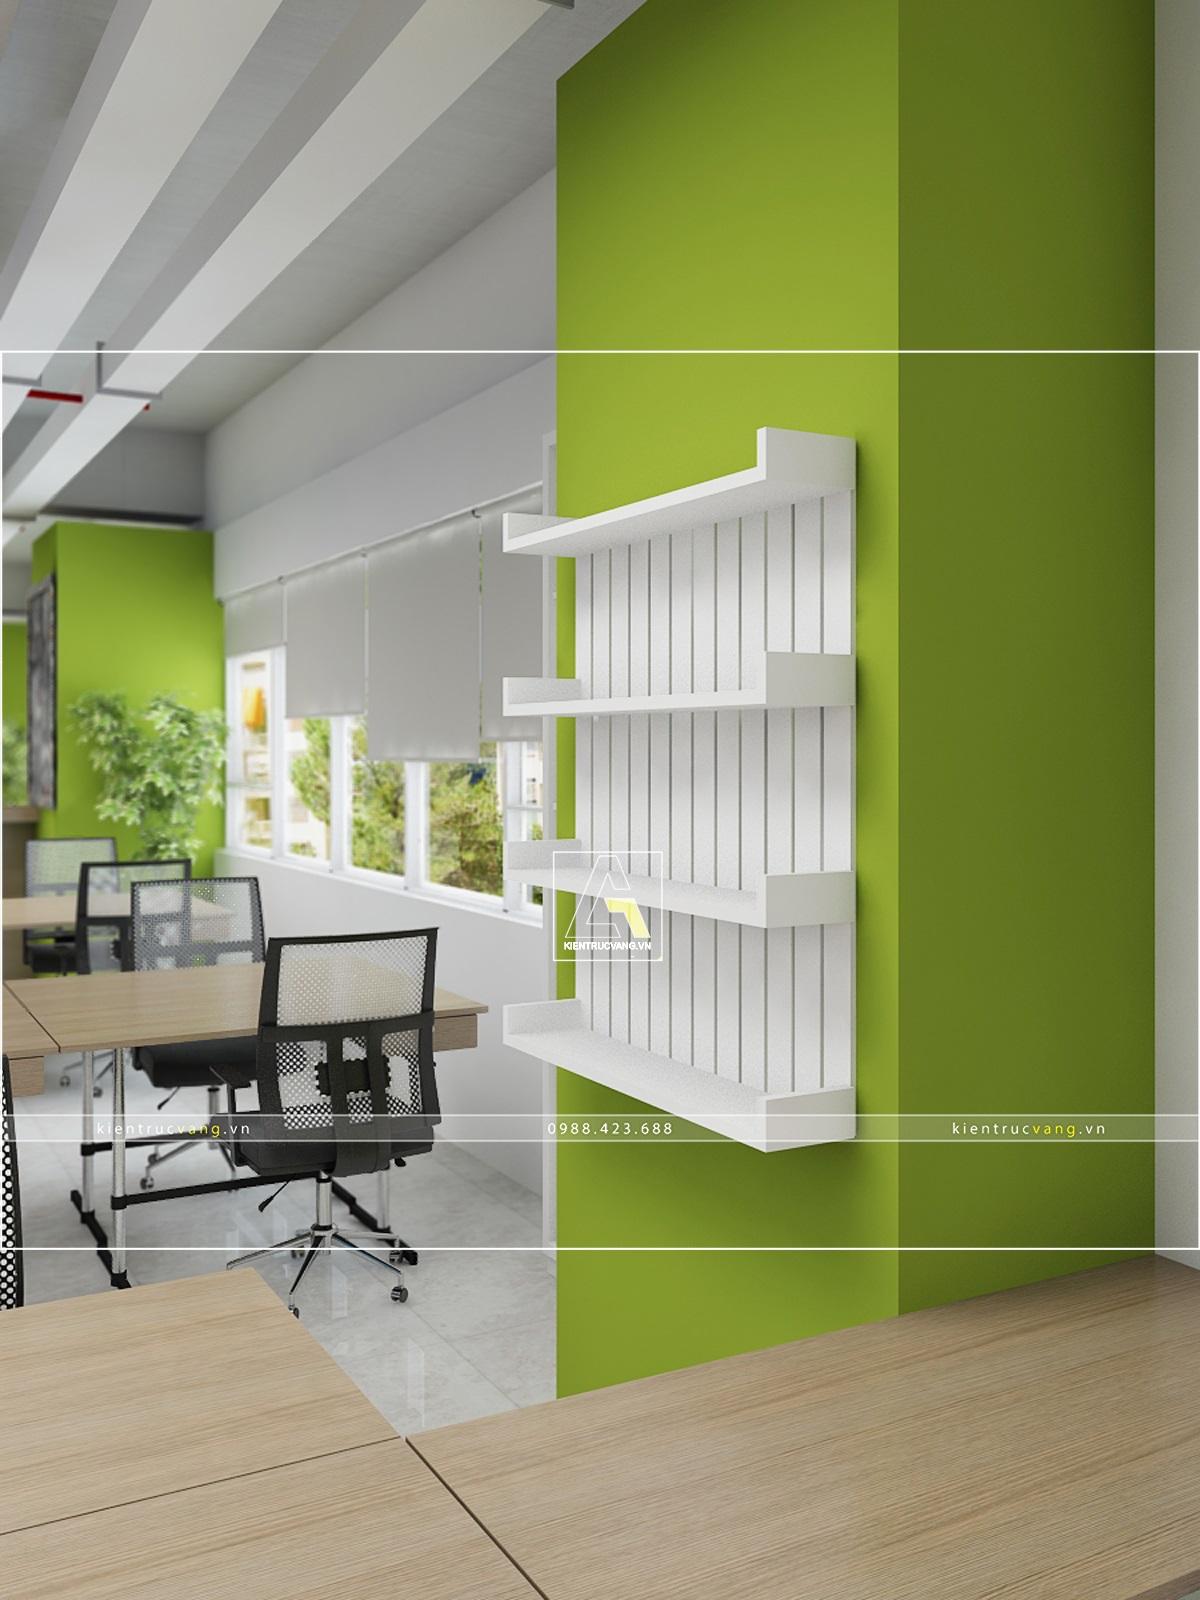 thiết kế nội thất Văn Phòng tại Hà Nội Thiết kế nội thất văn phòng VTC Mobile Hà Nội 30 1530872969